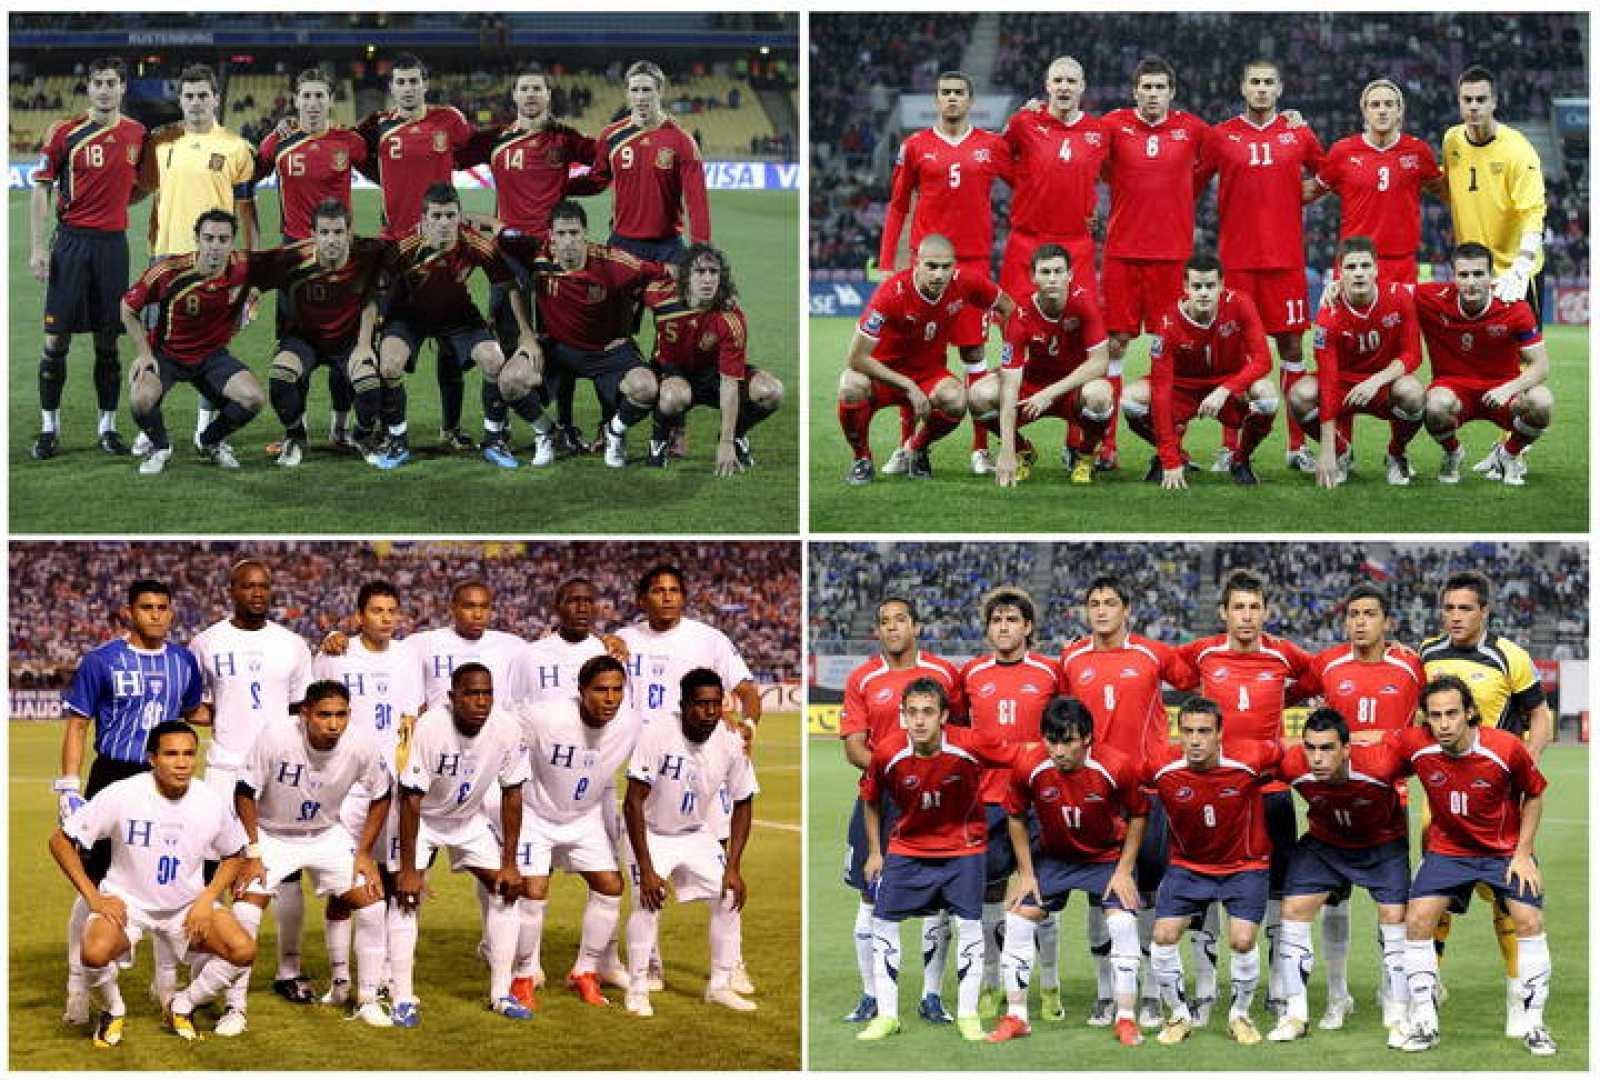 España debutará contra Suiza (16 de junio) y después se medirá a Honduras (21 de junio) y Chile (25 de junio).